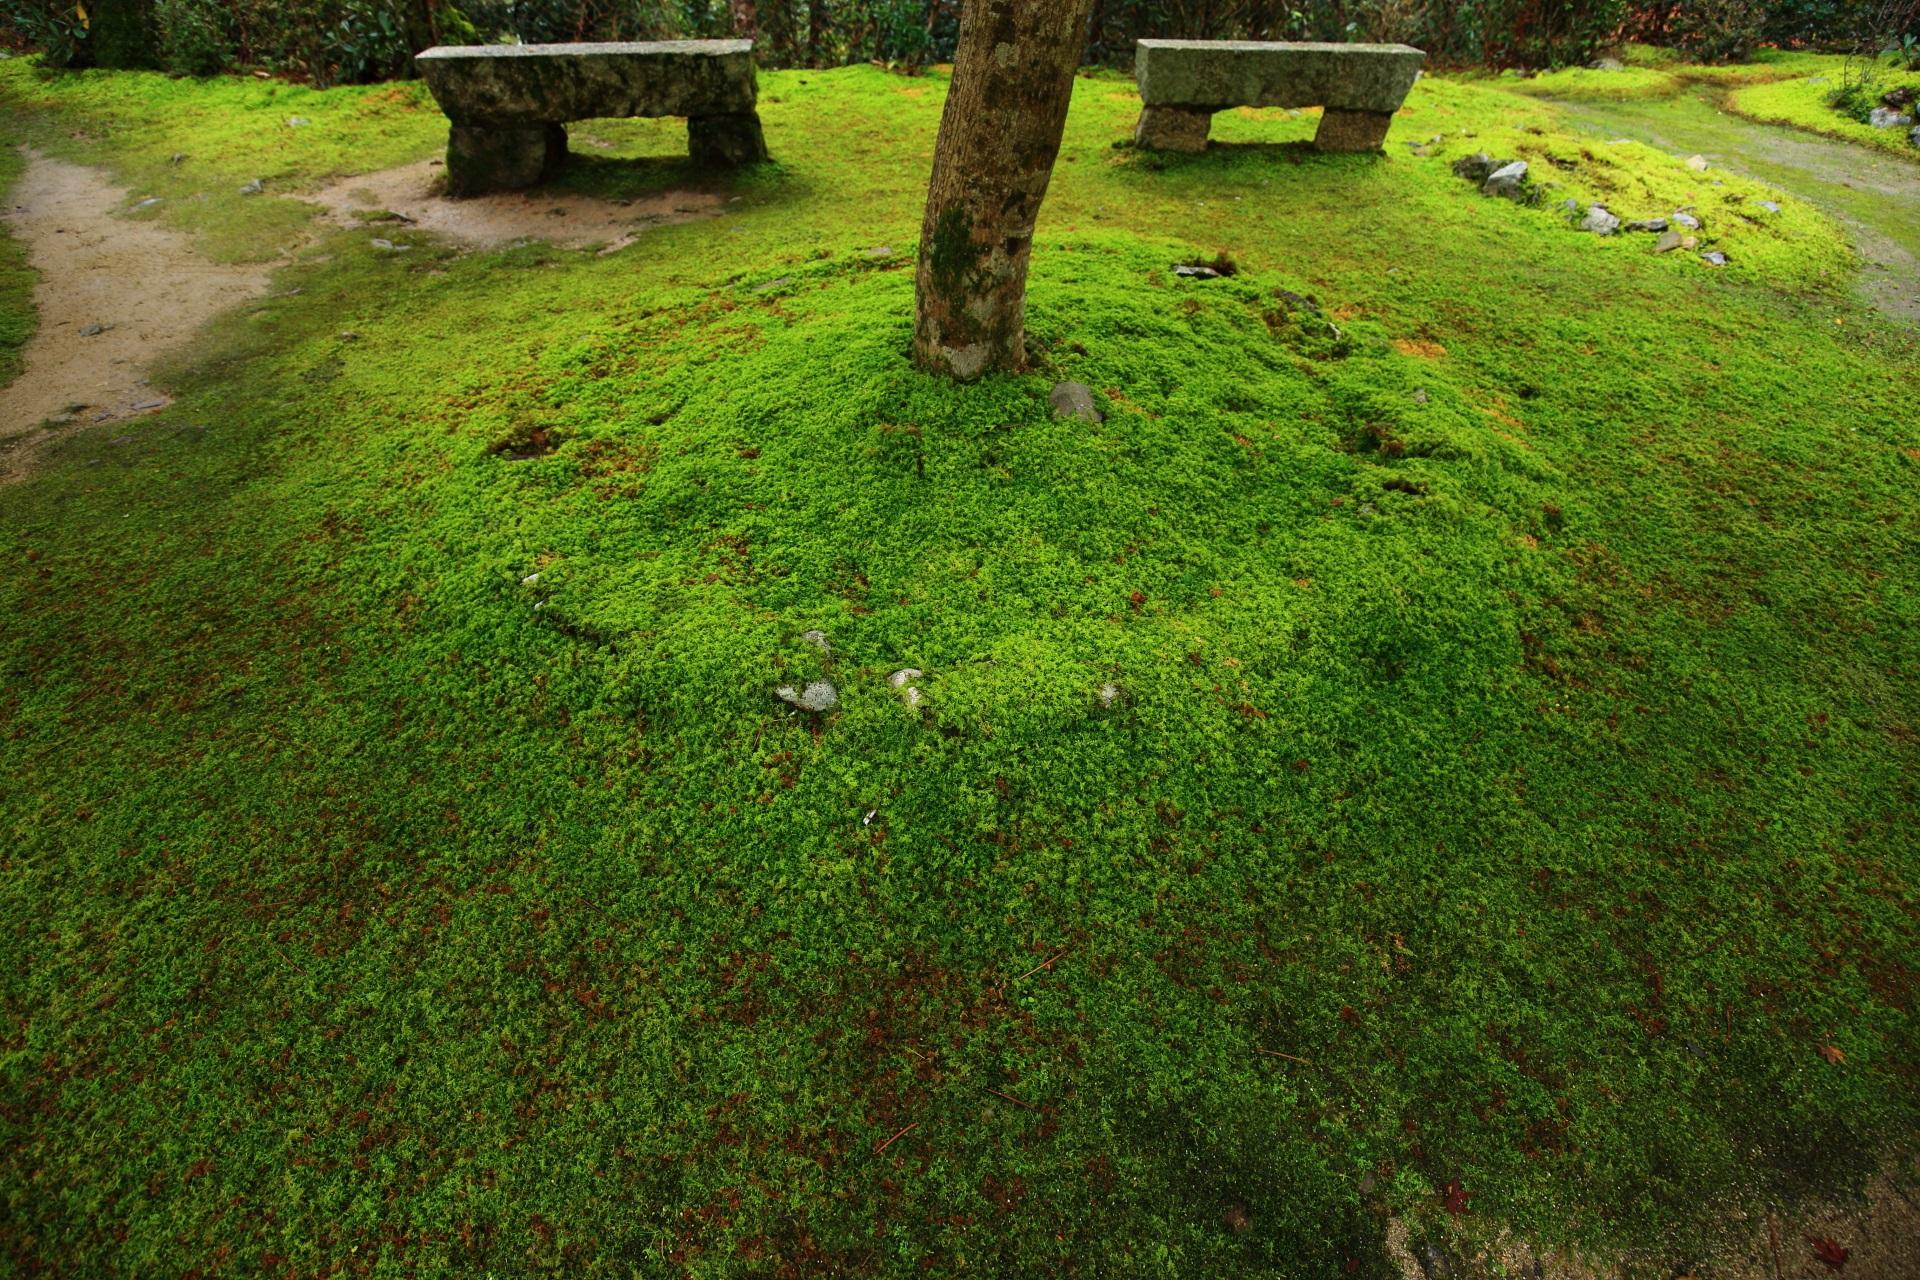 西明寺の鮮やかな緑の絨毯のように広がる綺麗な苔